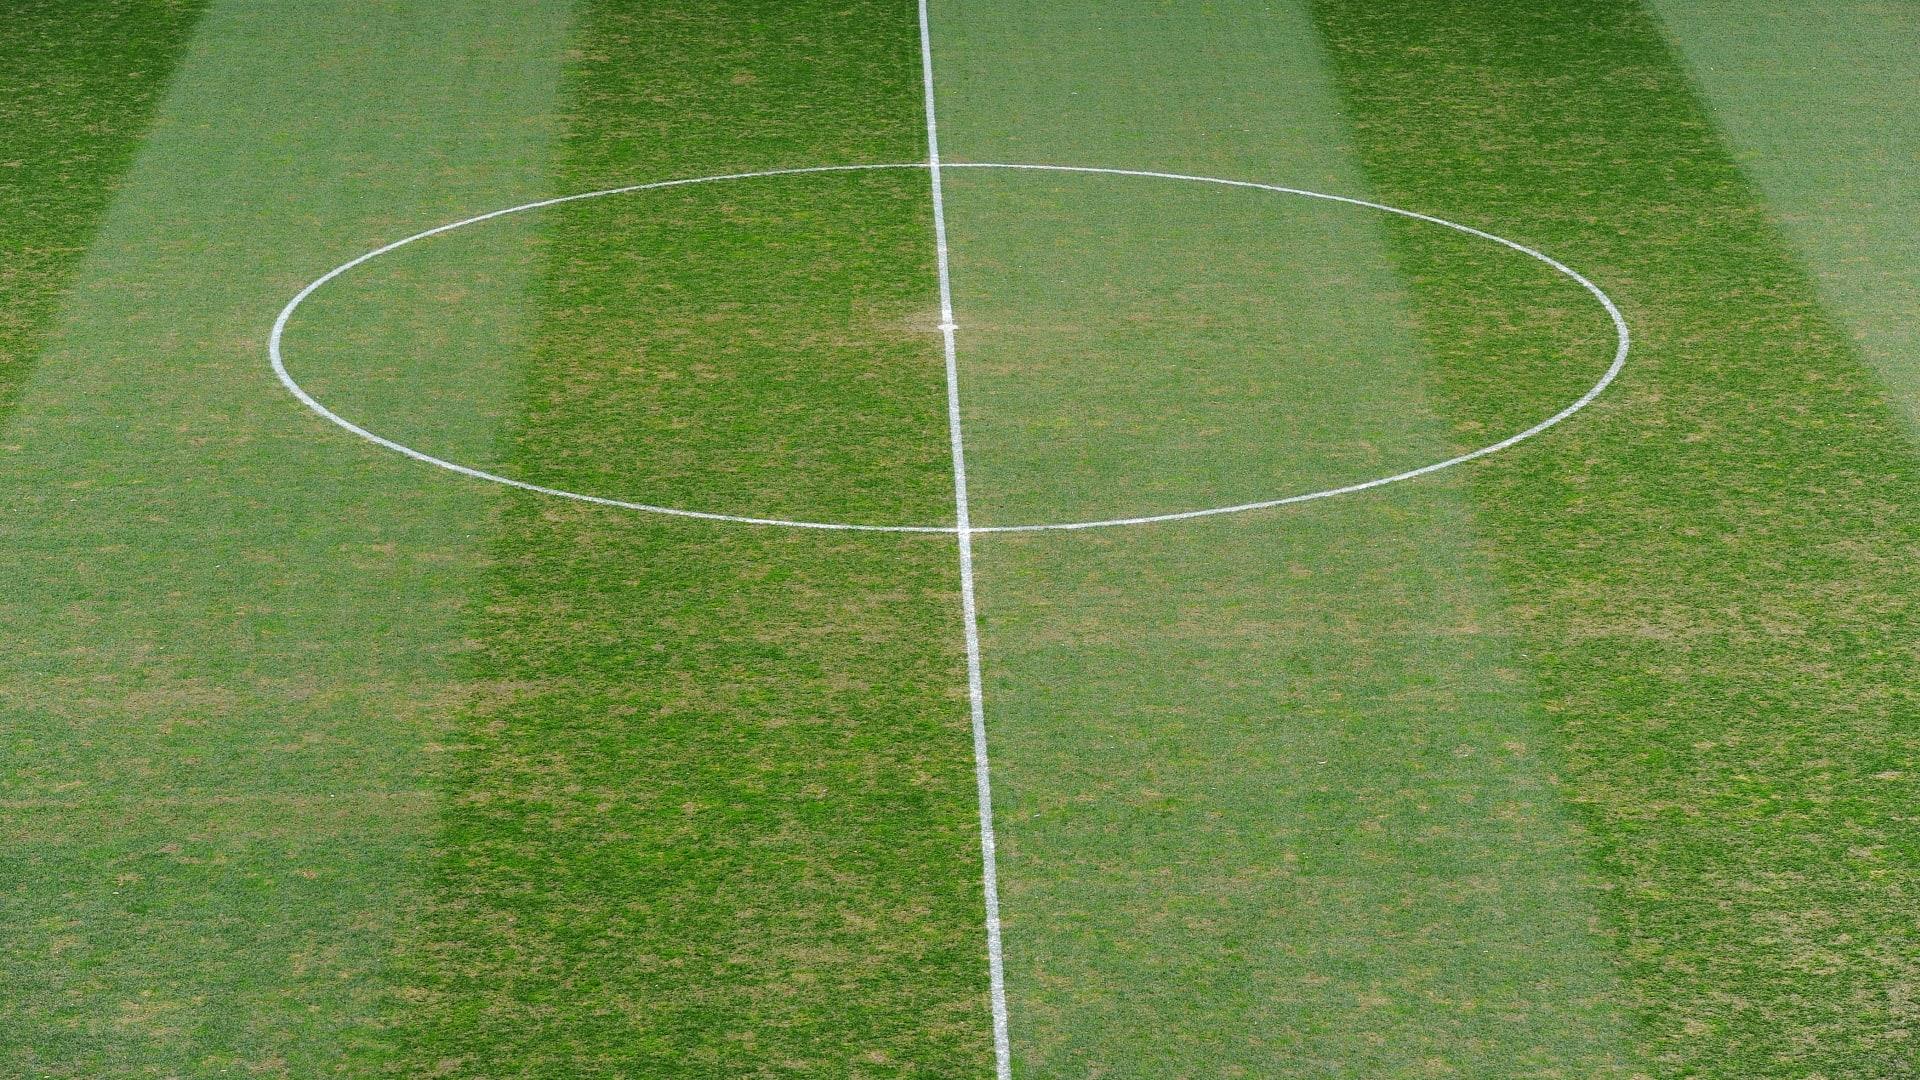 صورة أرشيفية لأرضية ملعب كرة قدم